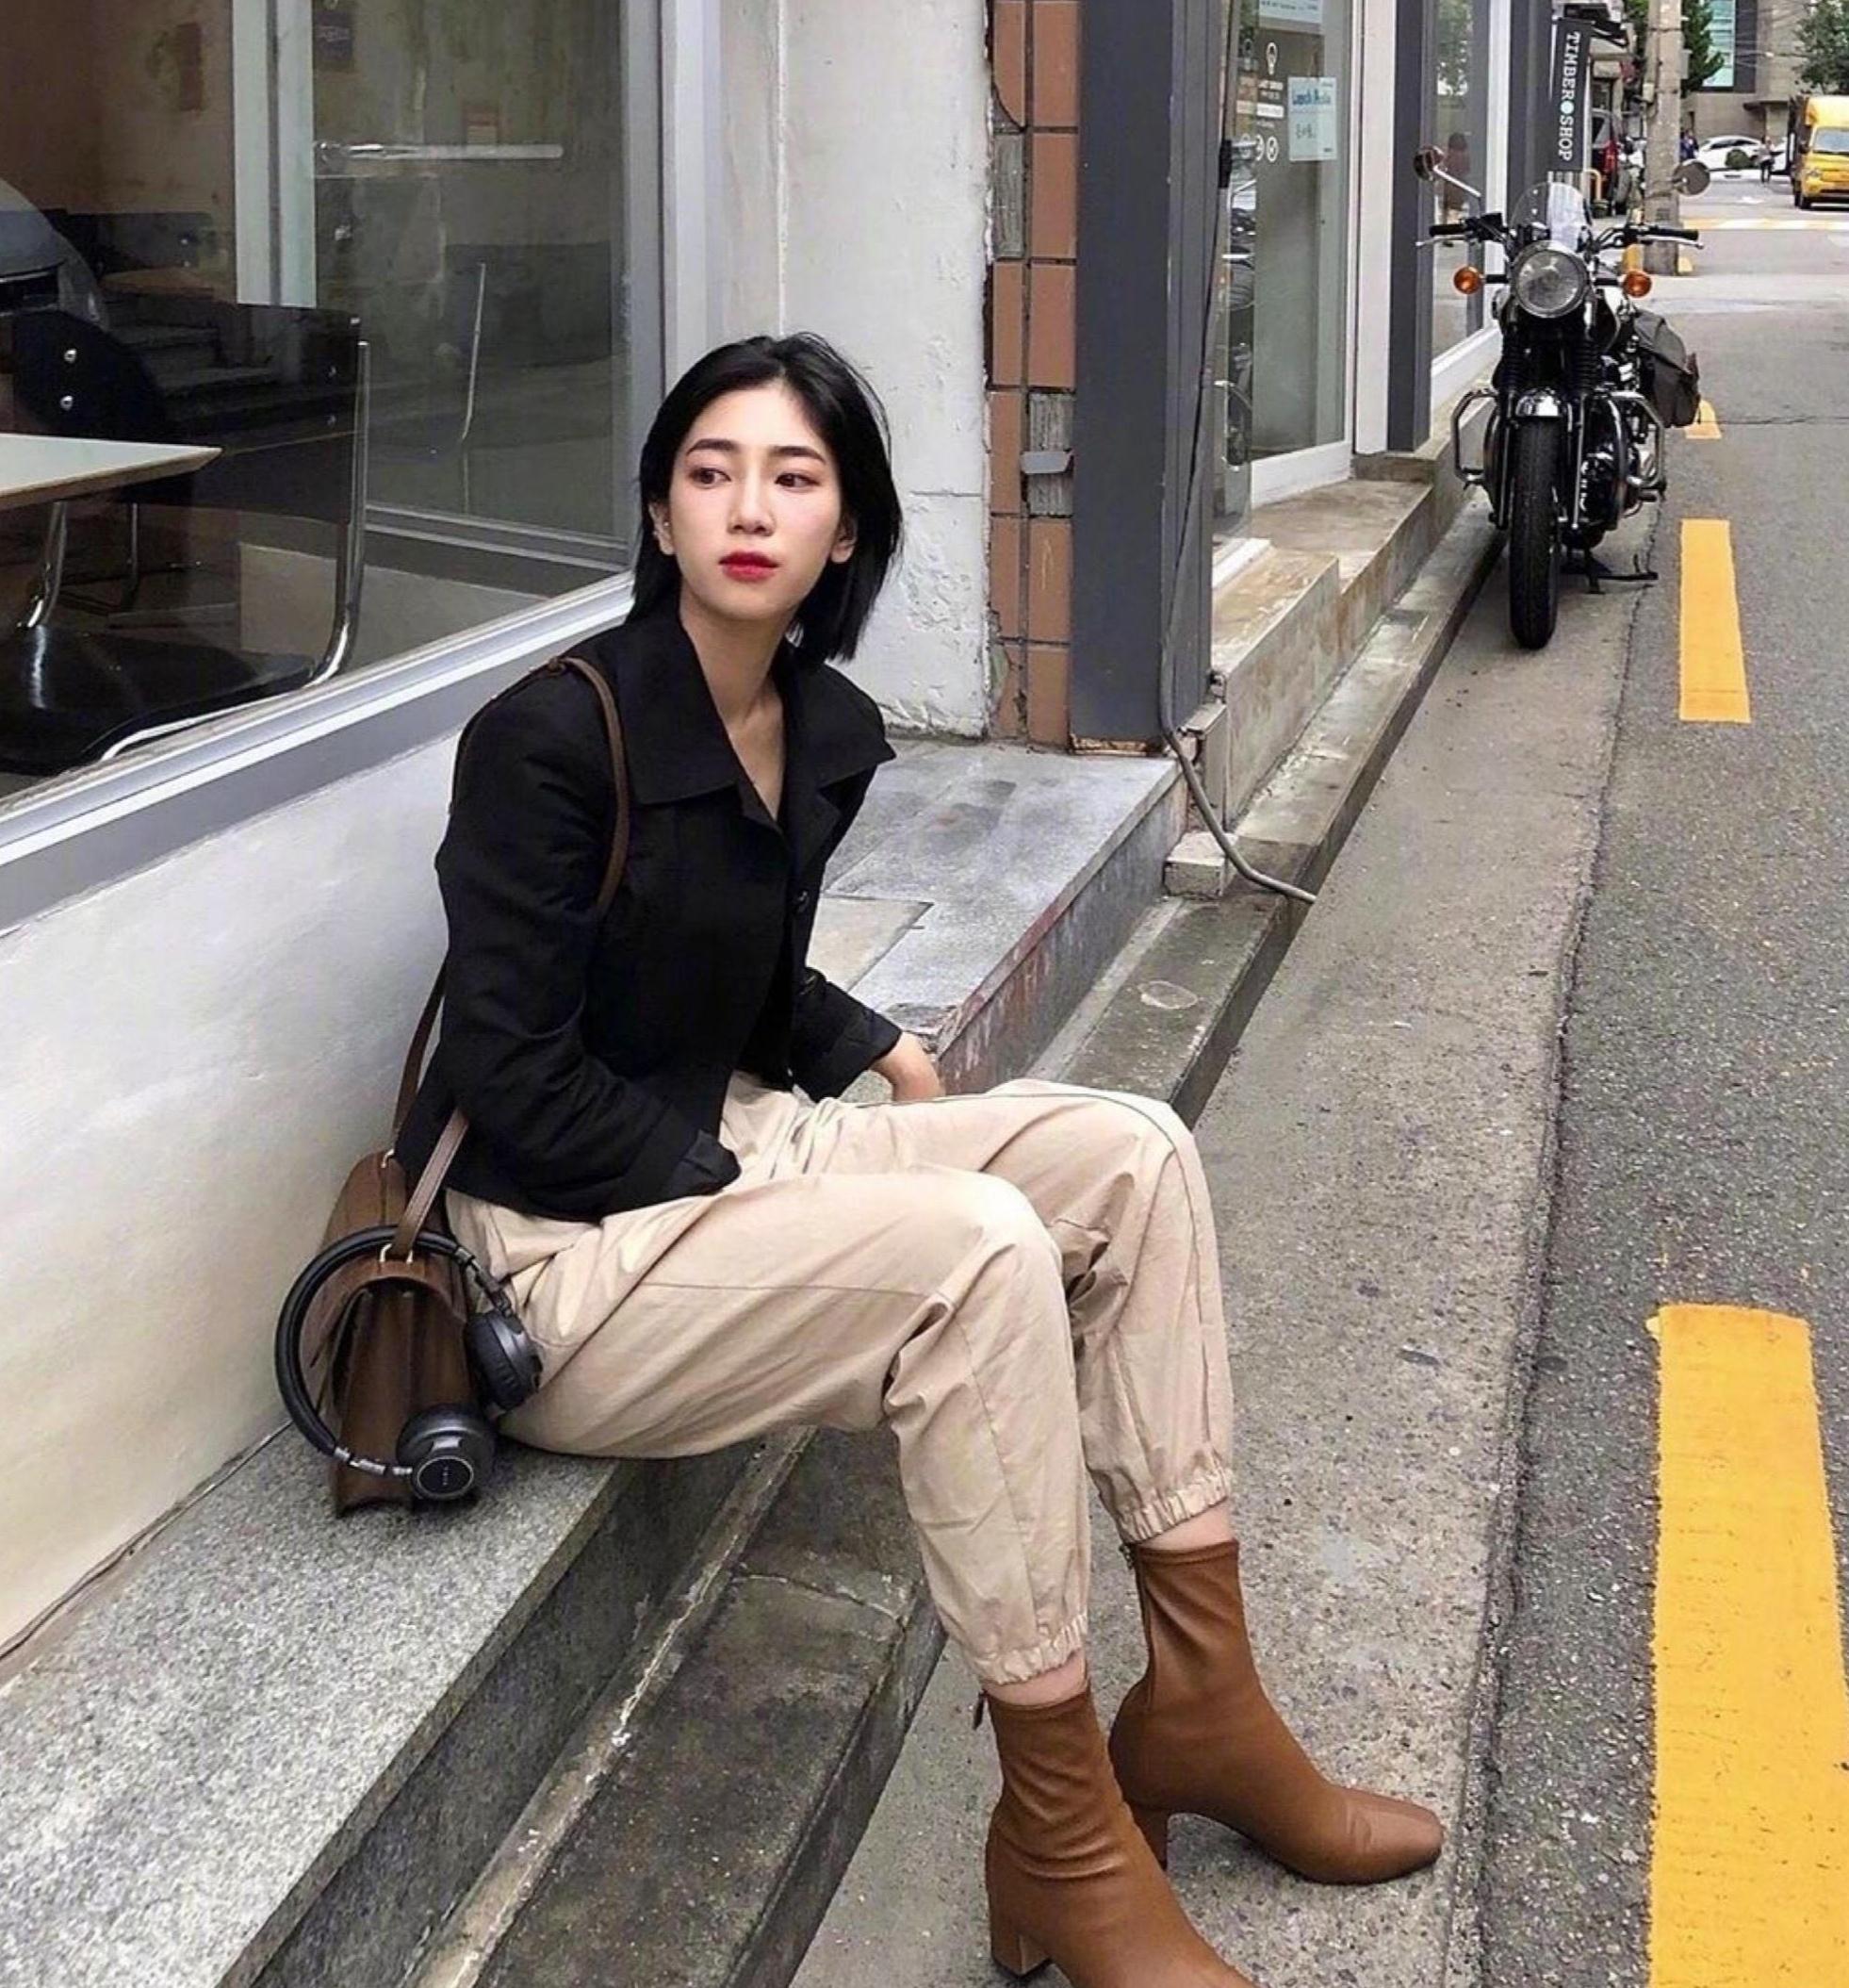 短发女生如穿出简约风?韩国时尚博主的穿搭,清爽干练不失女人味